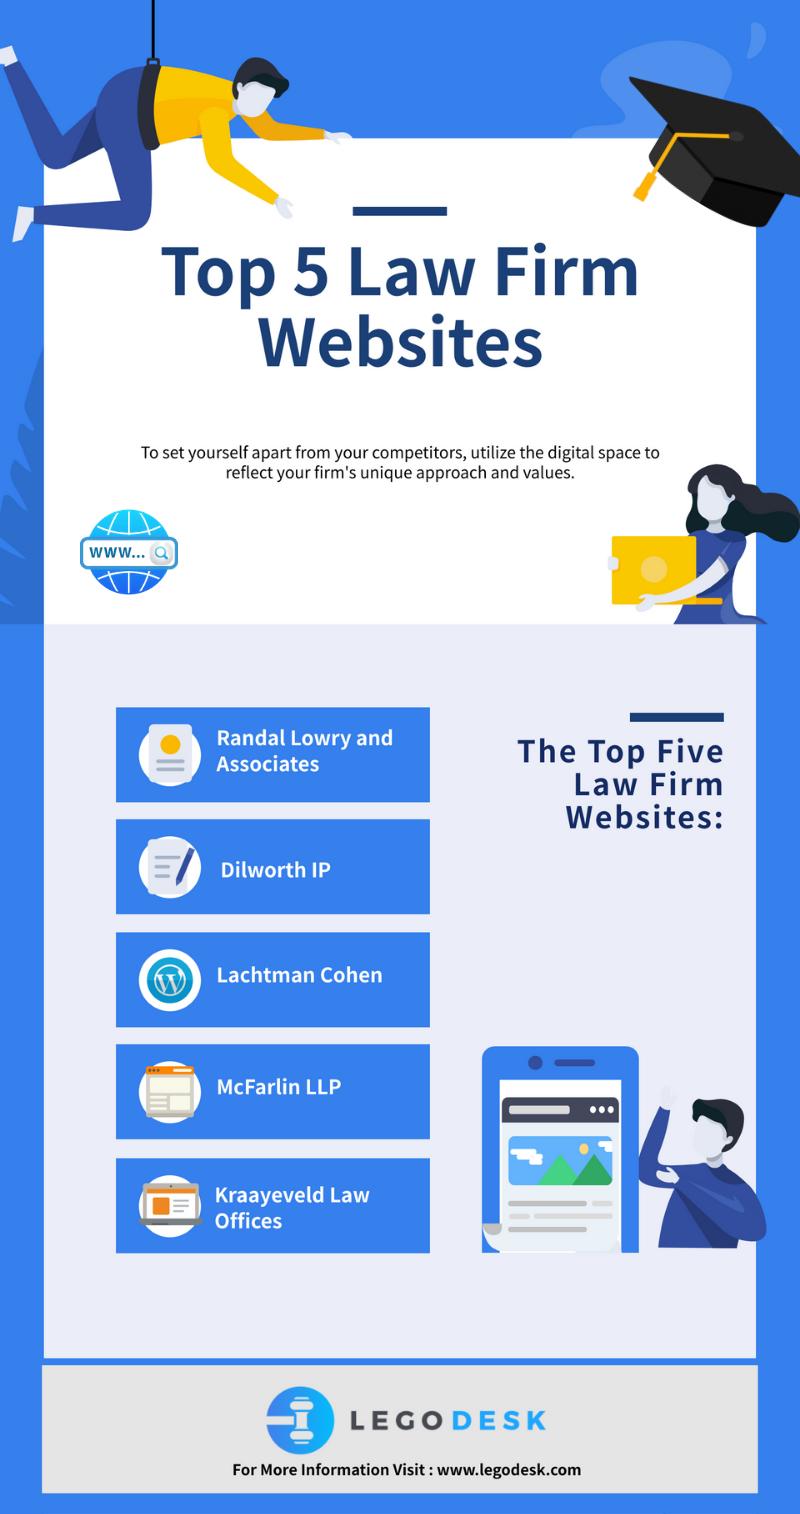 Top 5 law firm websites